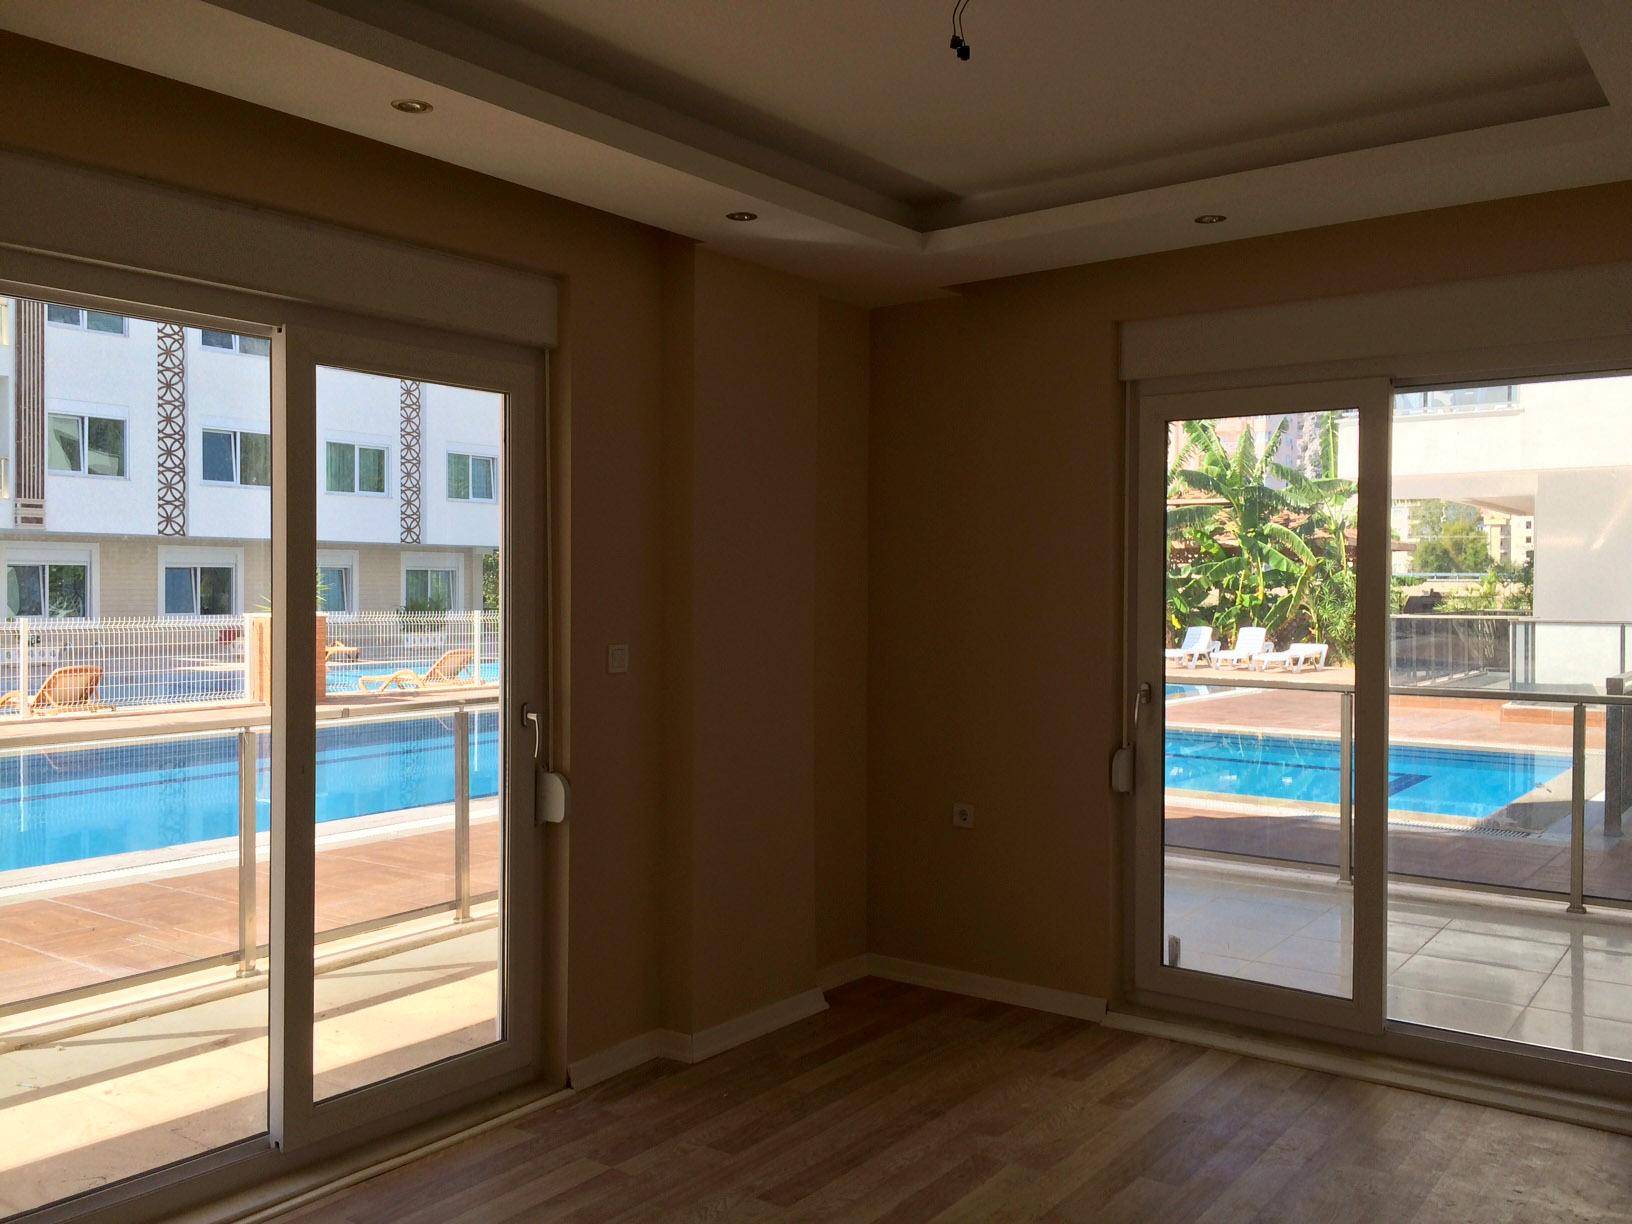 Продажа апартаментов в Анталии — Riva Residence (1+1)